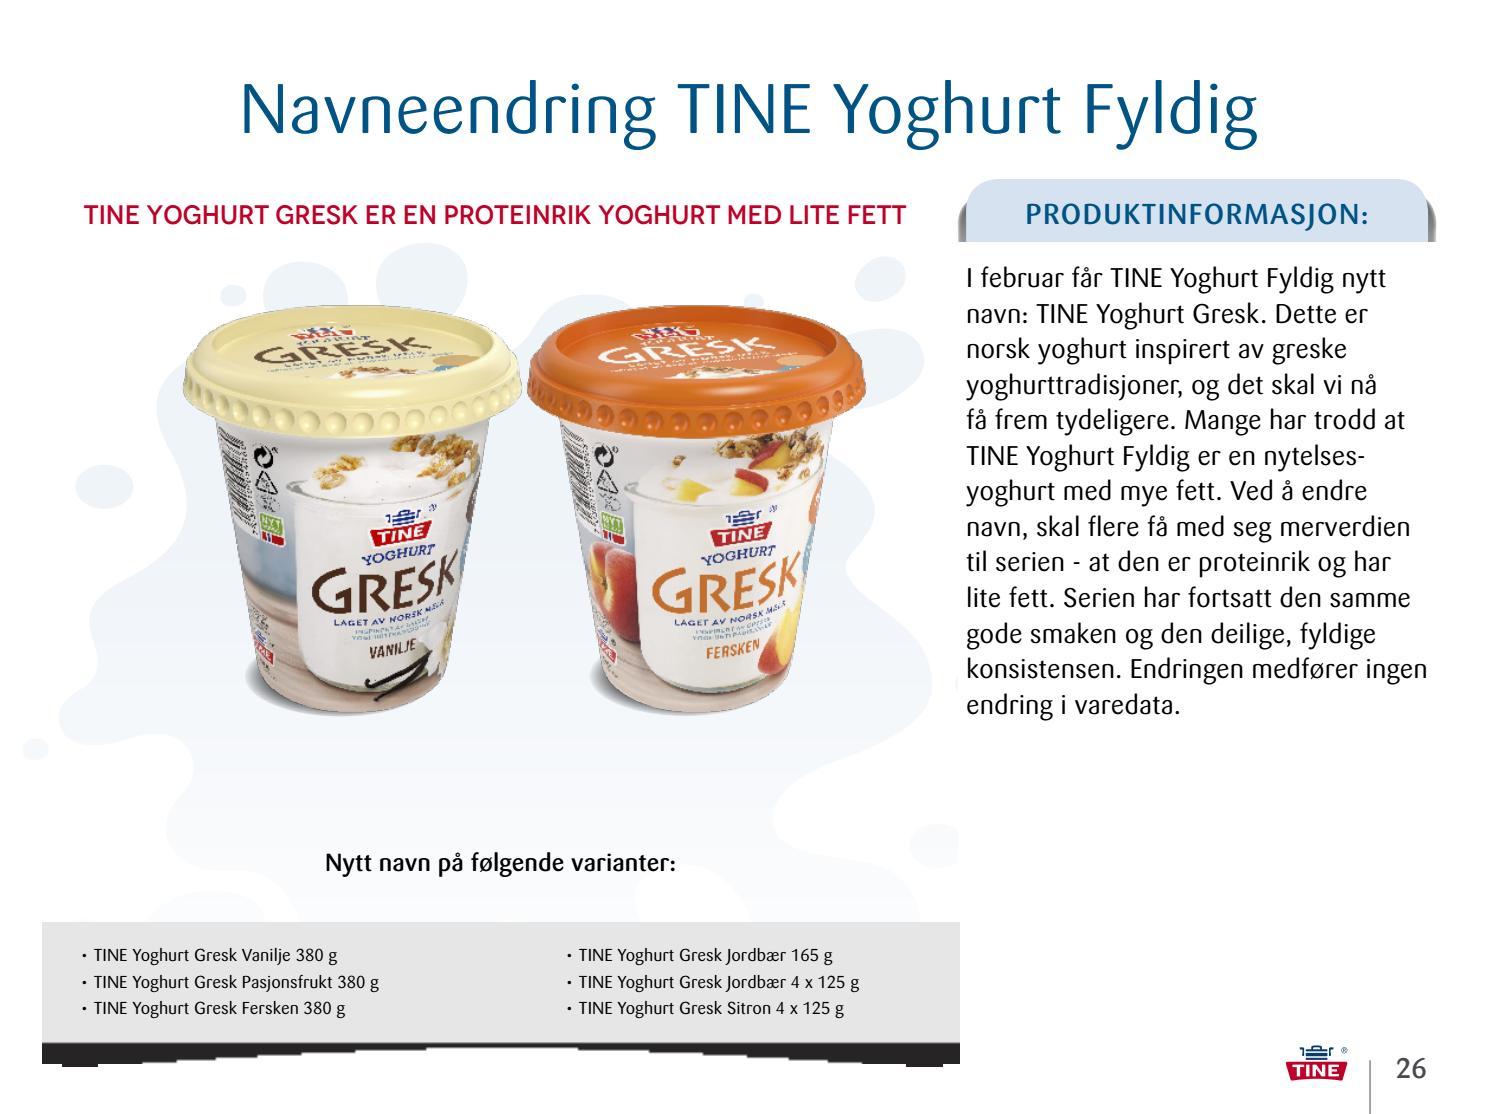 proteinrik yoghurt